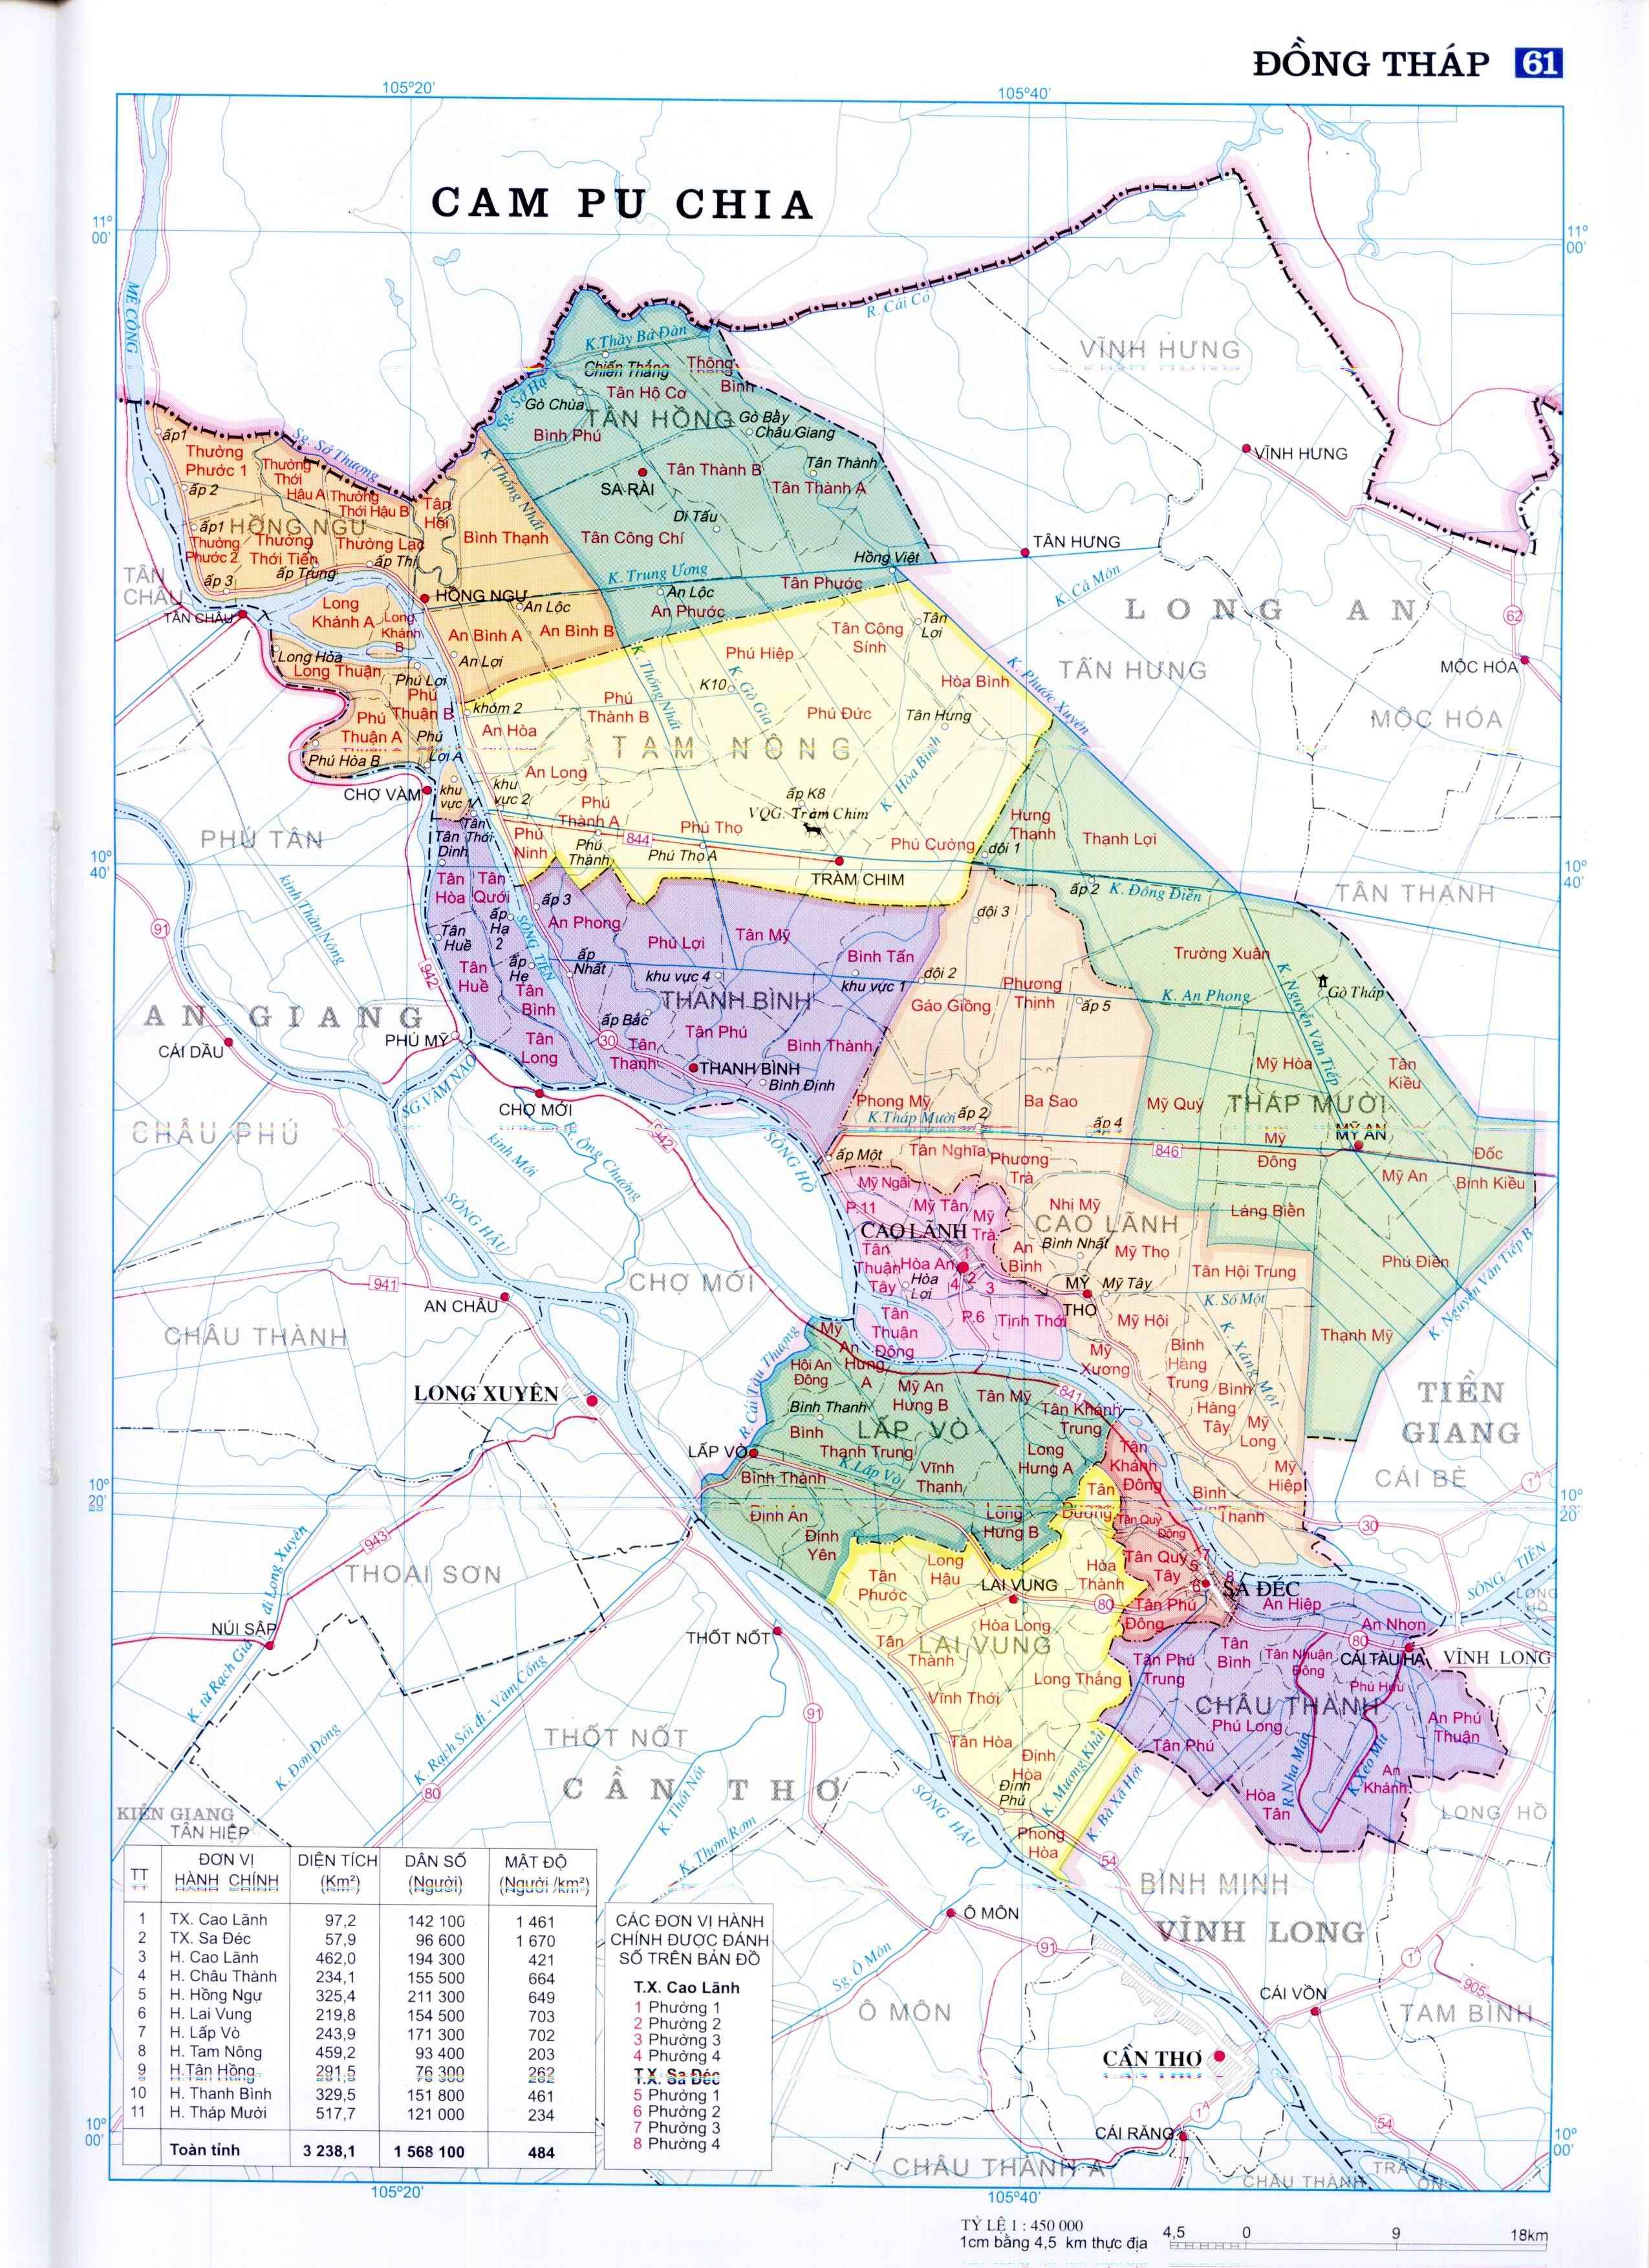 Bản đồ hành chính tỉnh Đồng Tháp